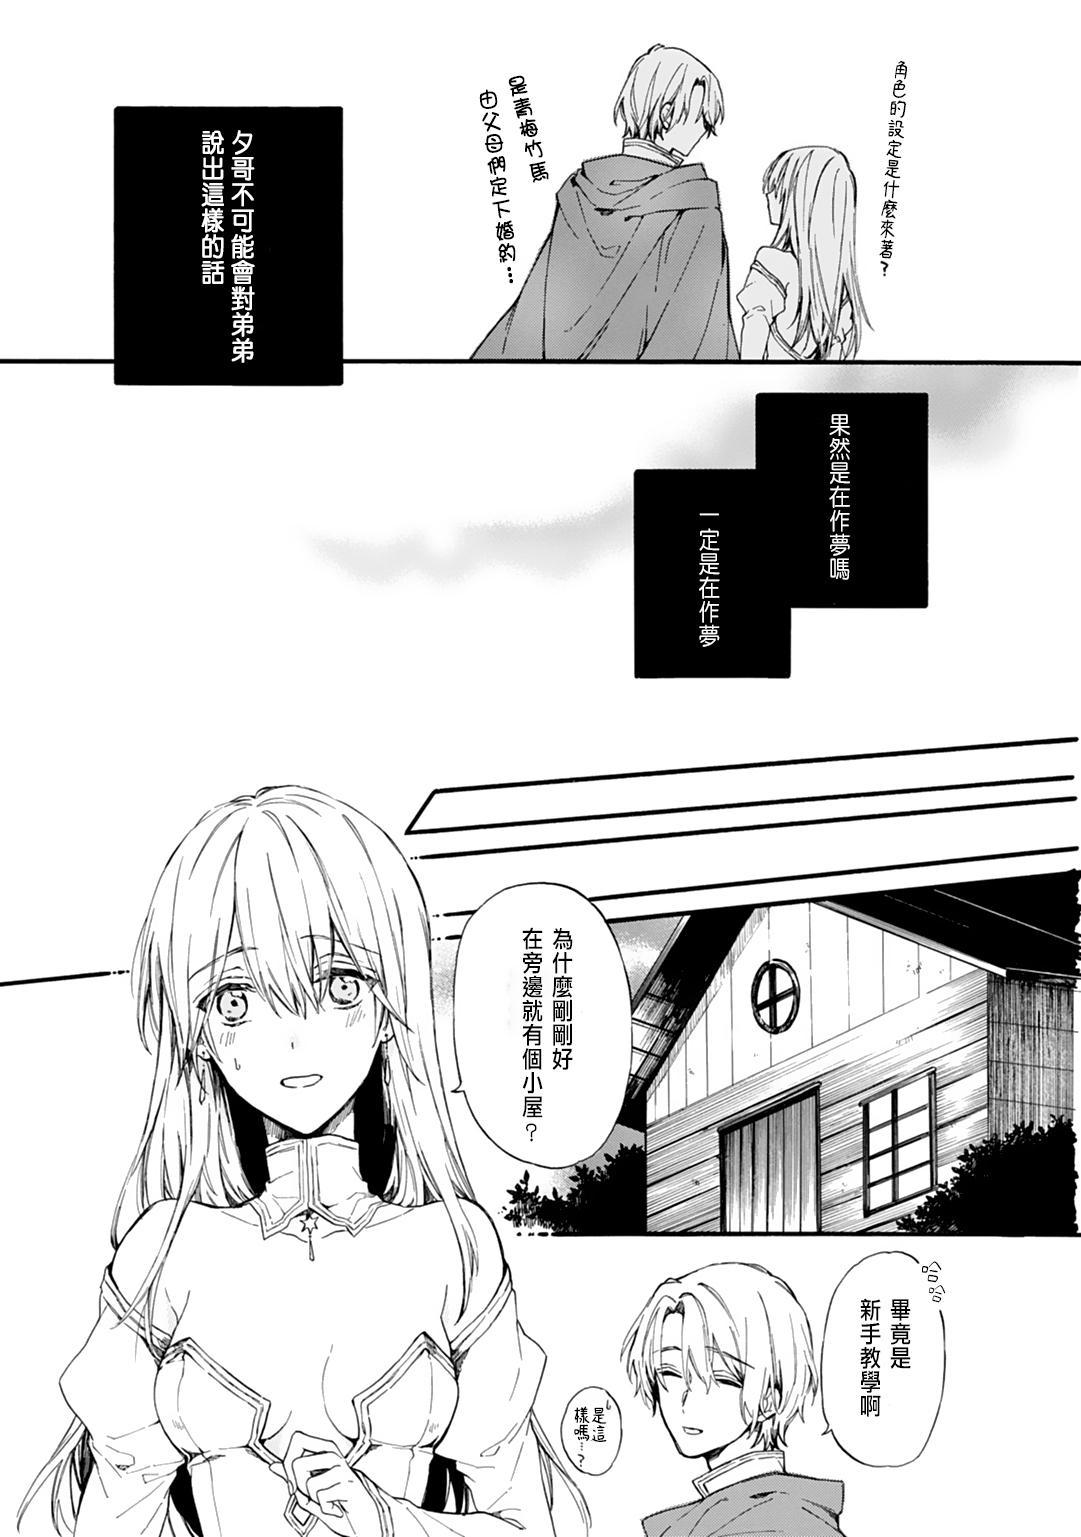 [Suzushiro Nerita] Otomege (18-kin) de Nyotaika shita Ore wa ~Clear Jouken wa Dekiai Ecchi!?~ 1-3 [Chinese] 17